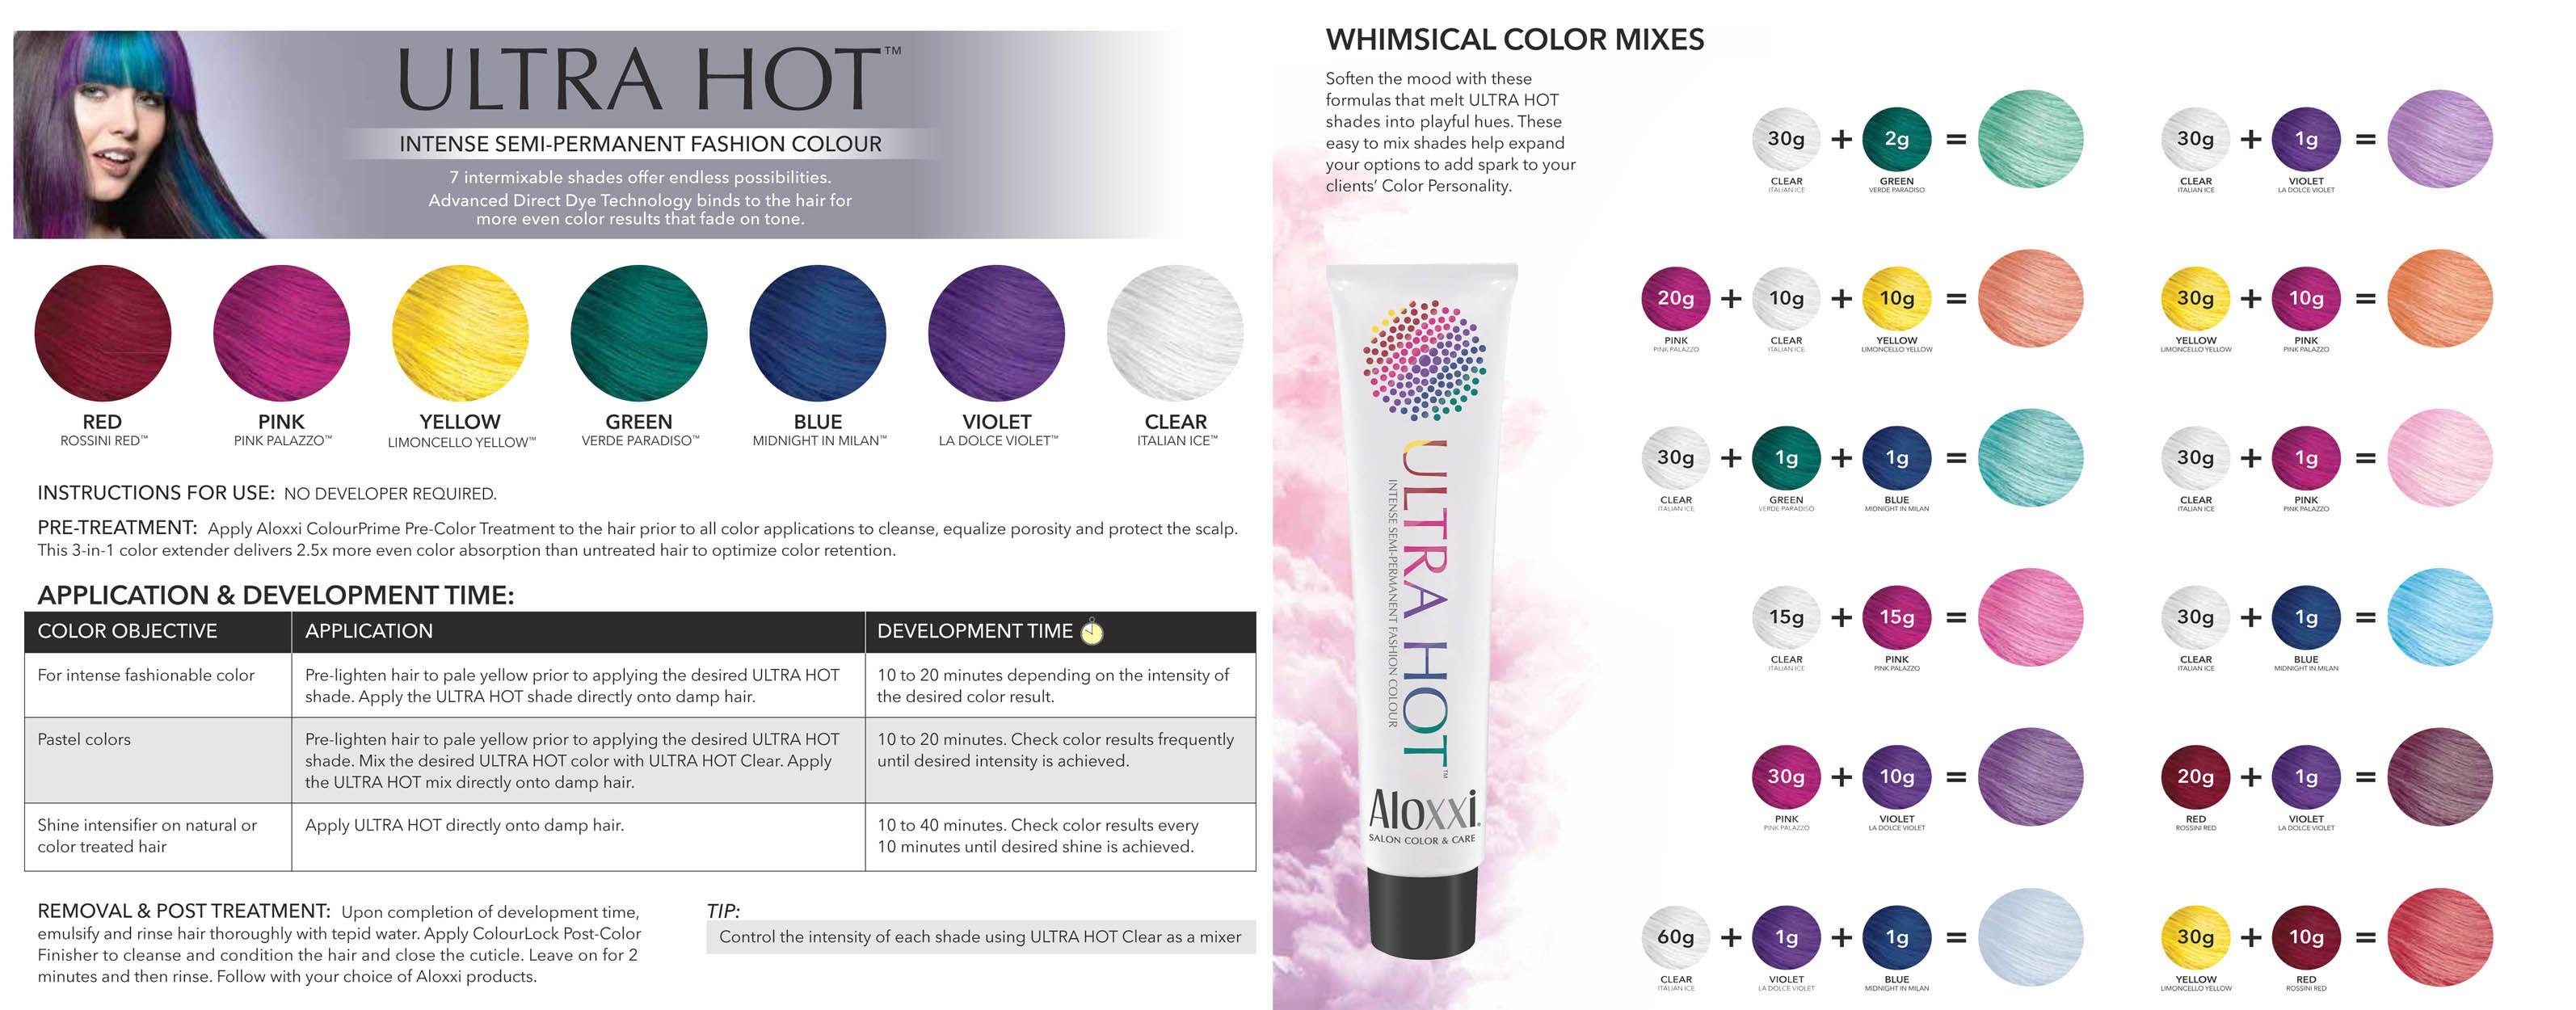 Aloxxi ultra hot intense semi permanent fashion colour swatch chart